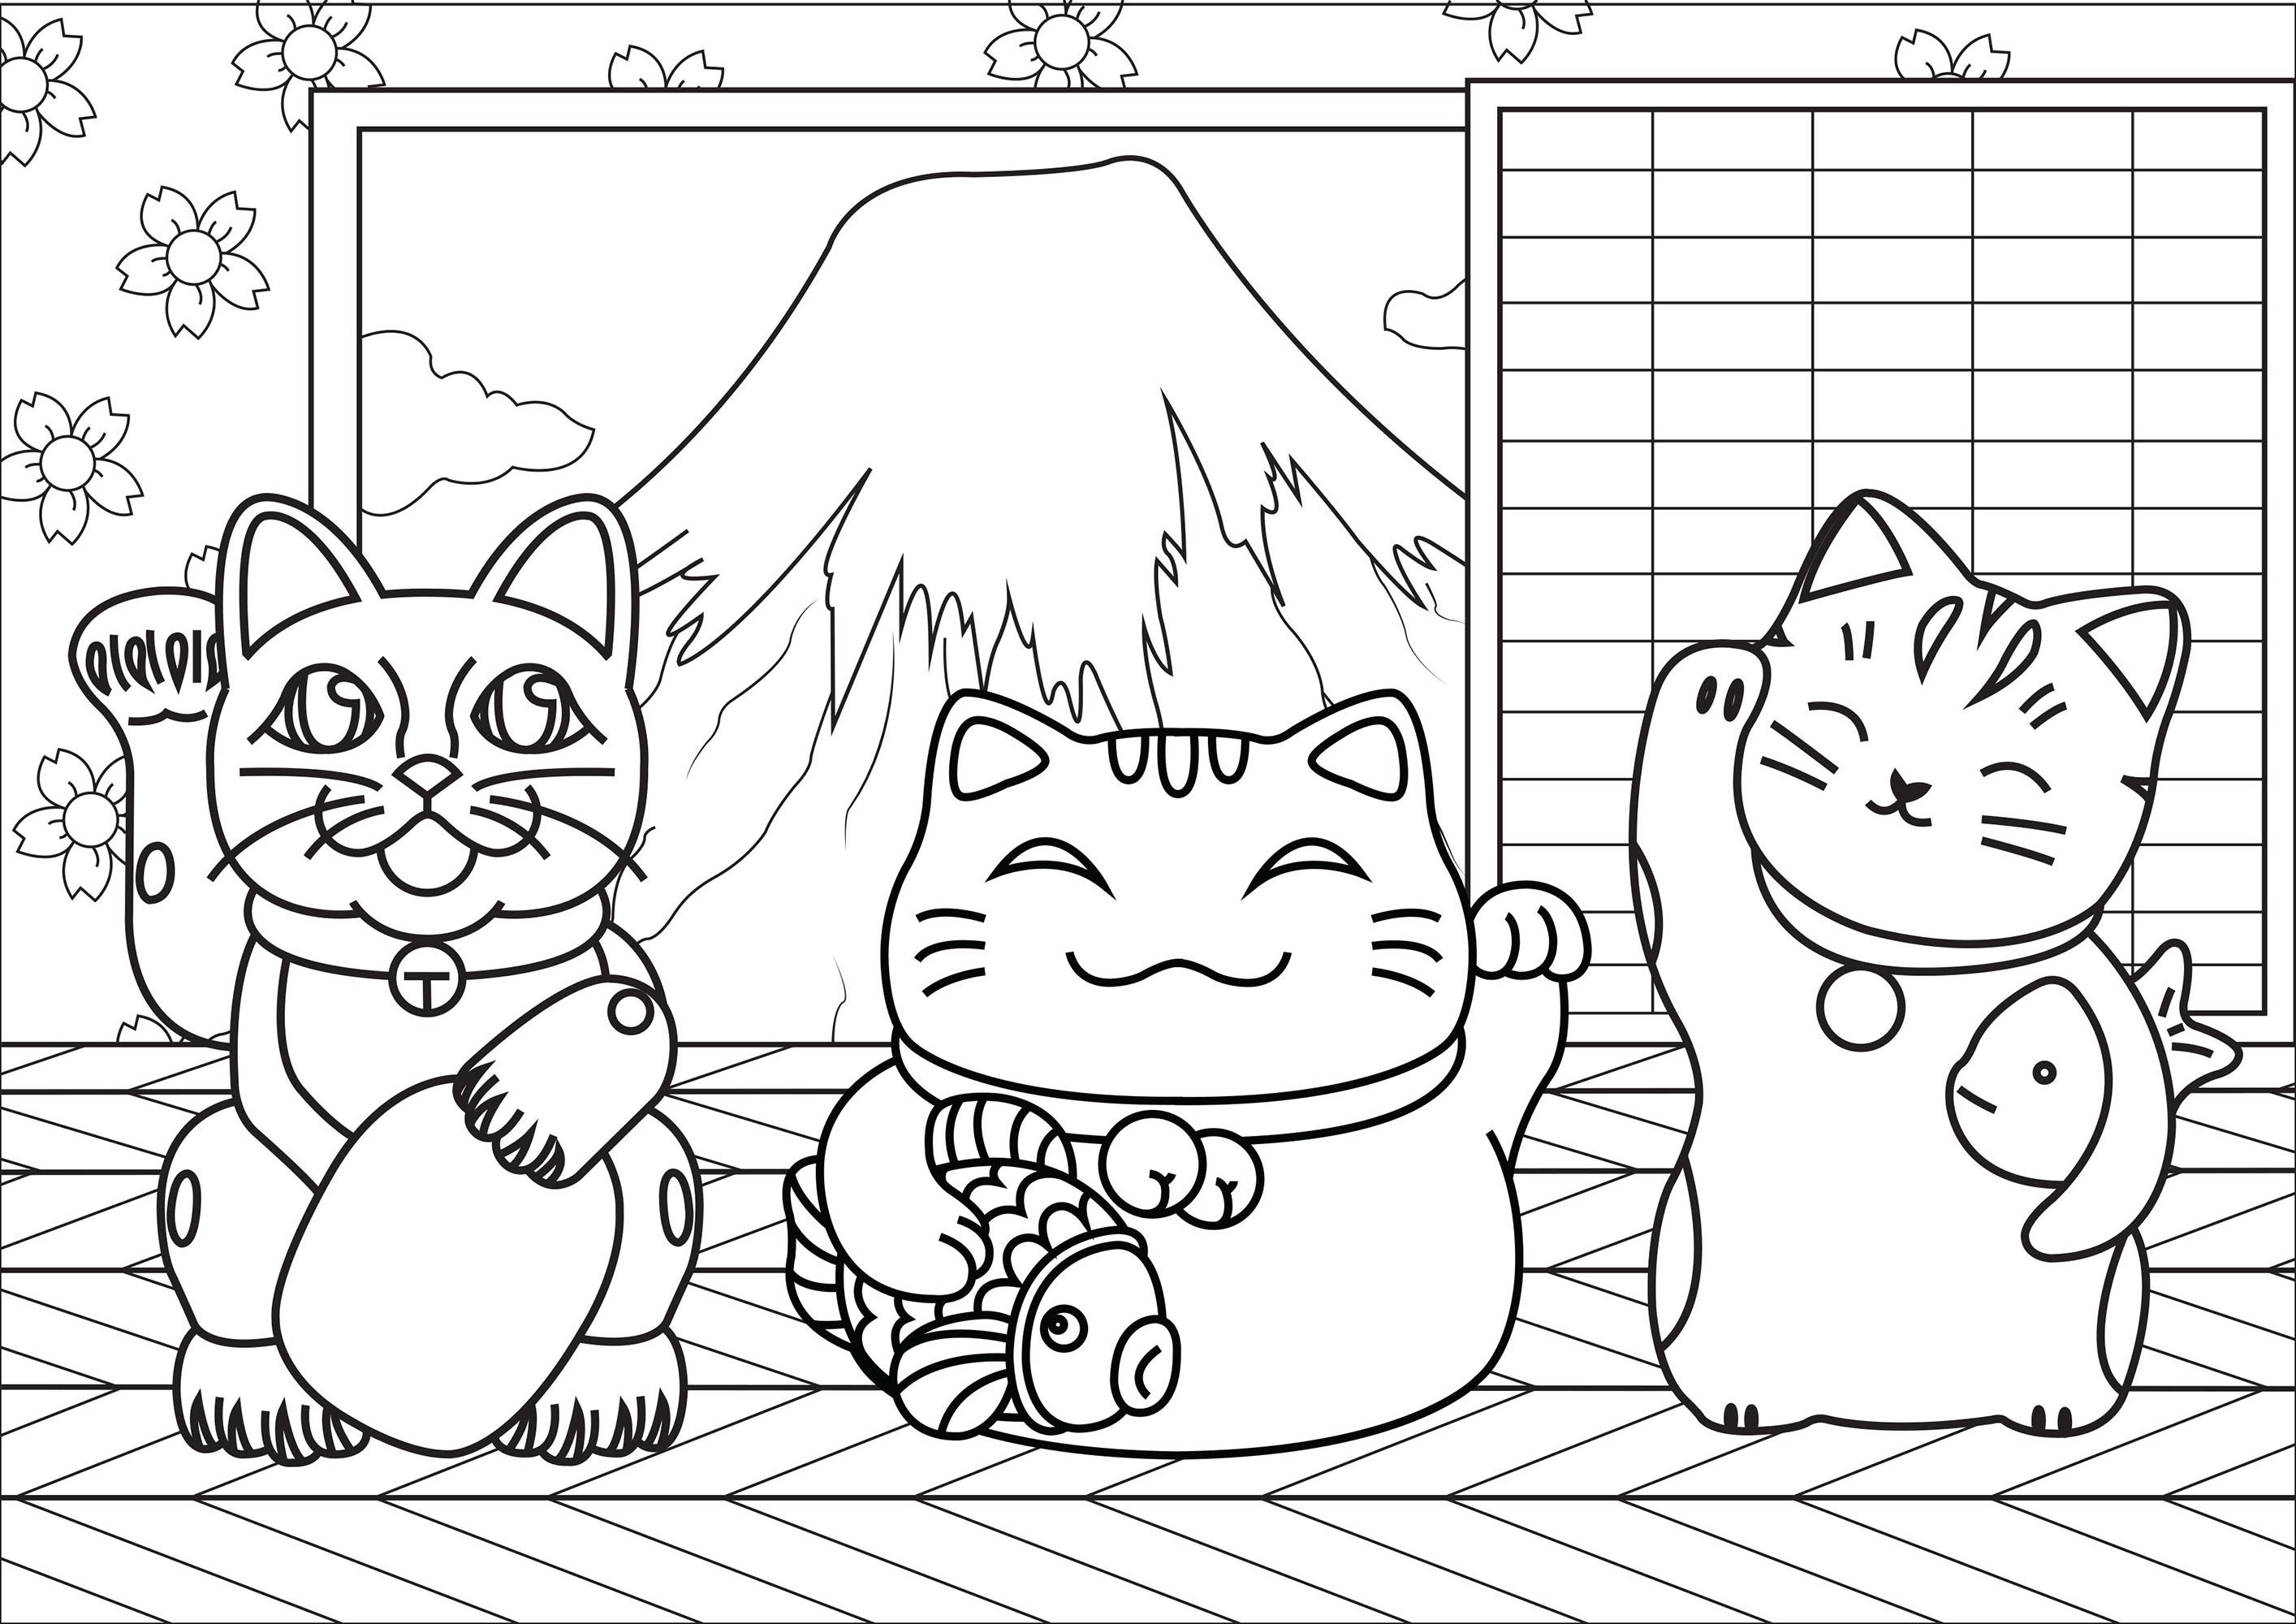 Disegni da Colorare per Adulti : Giappone - 4